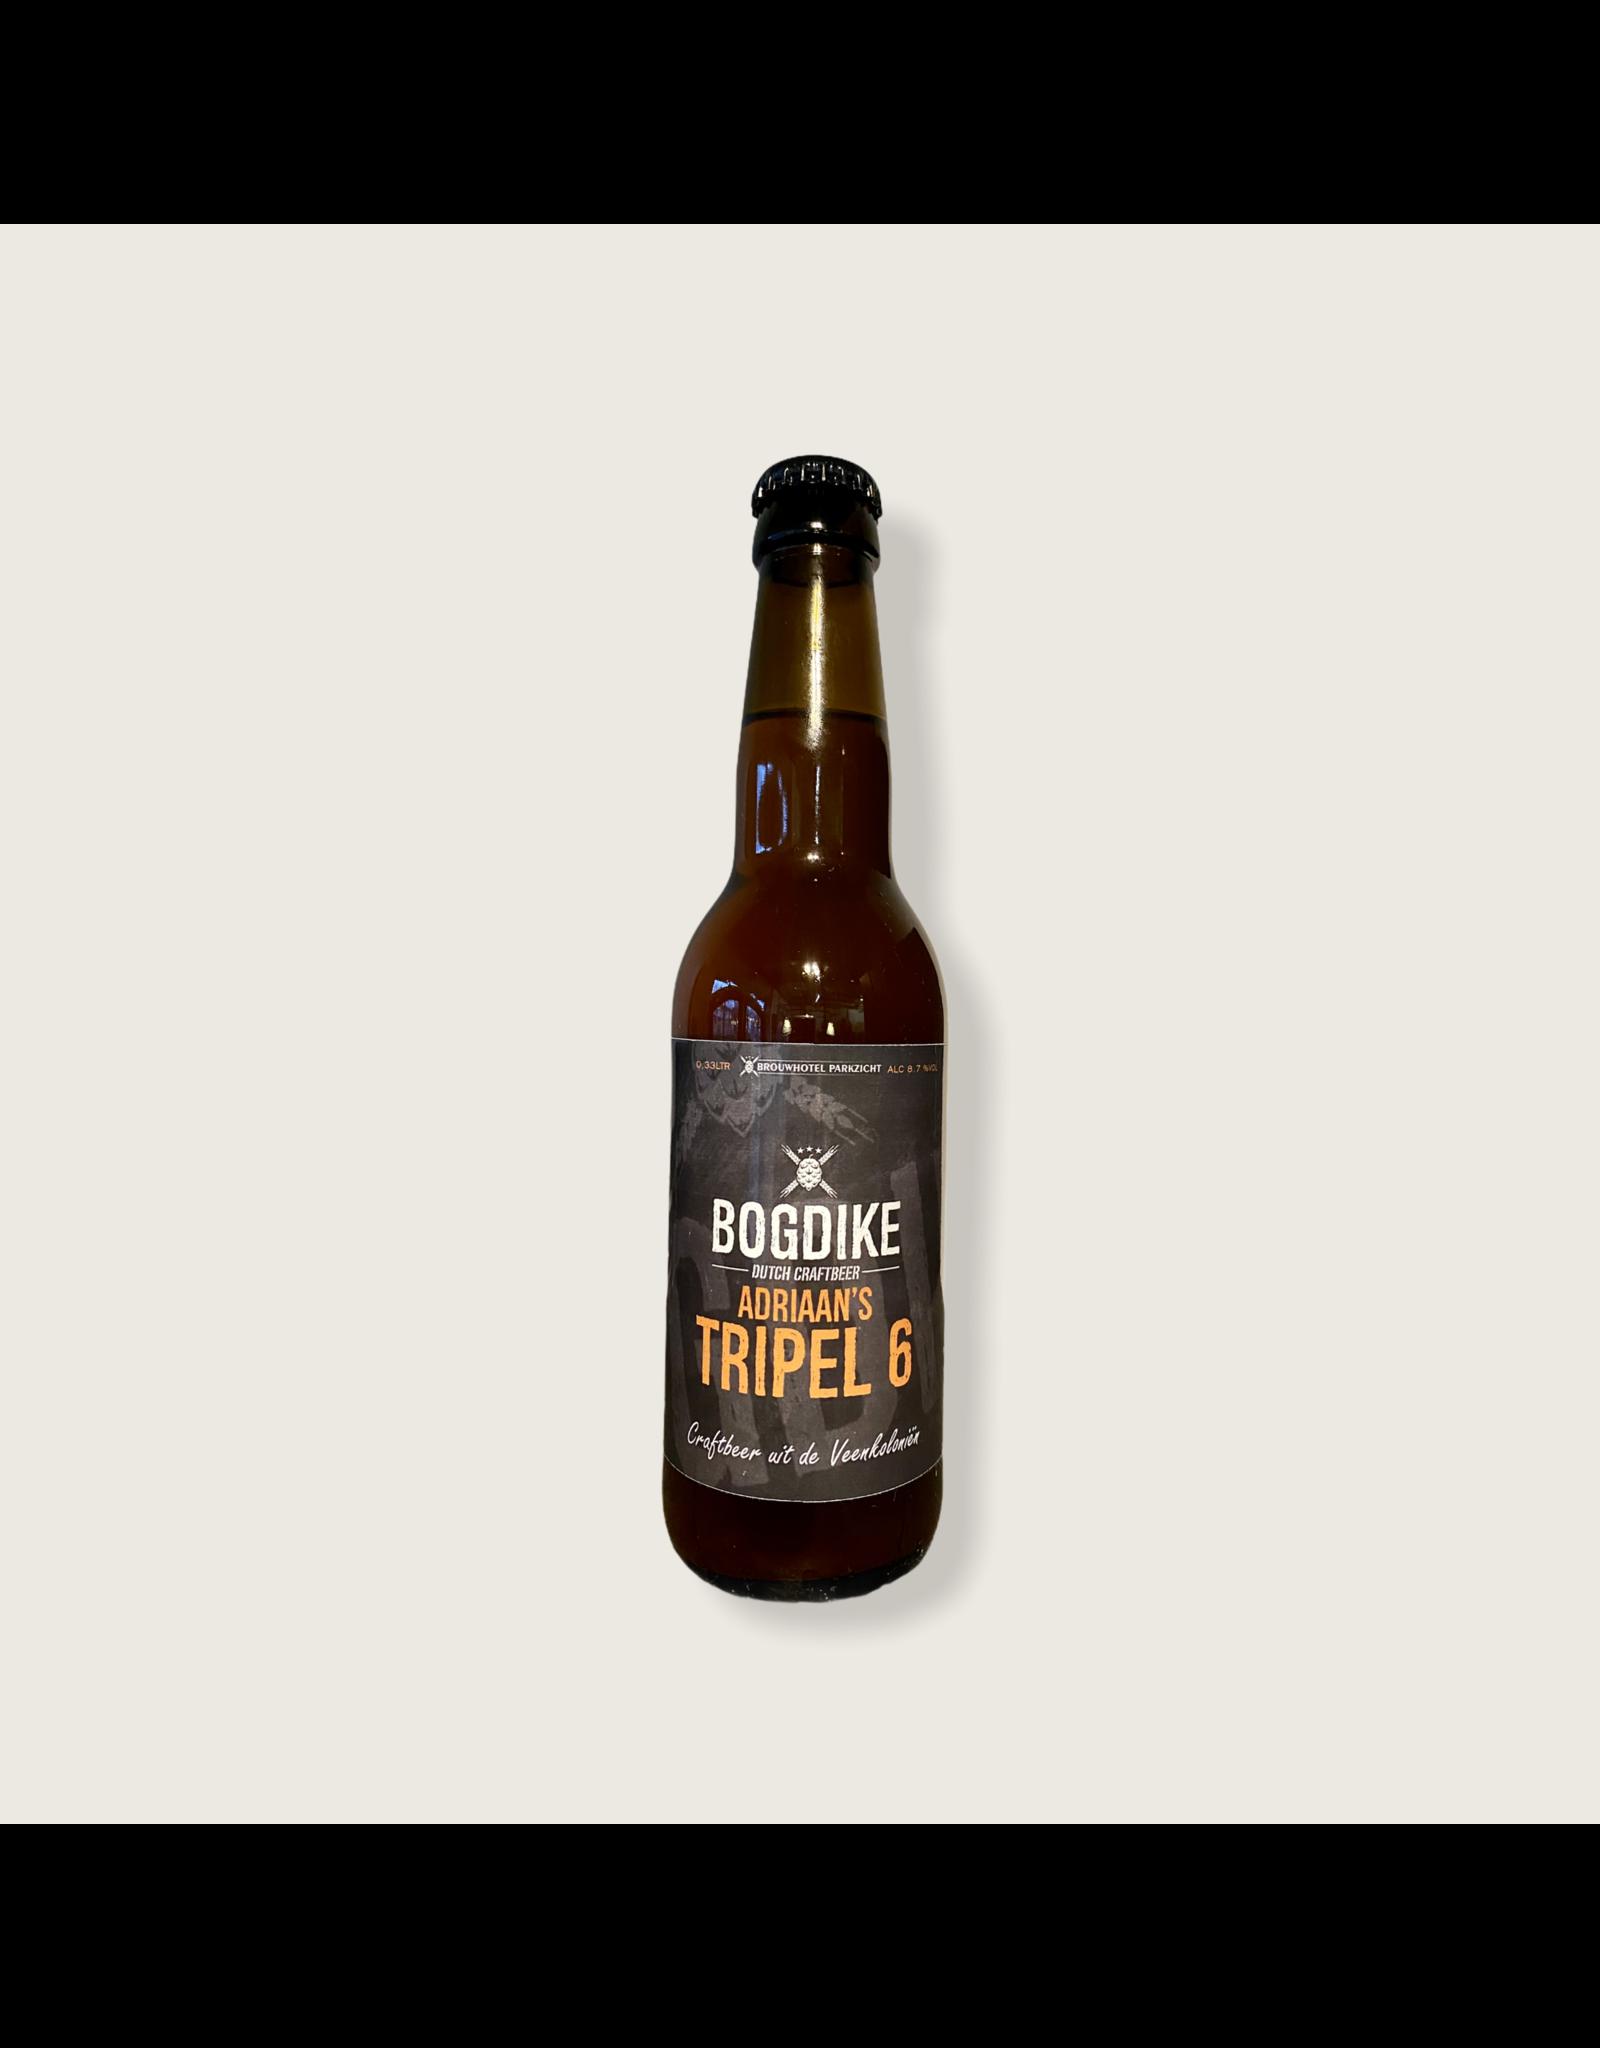 Bogdike Bogdike Adriaan's Tripel 33cl